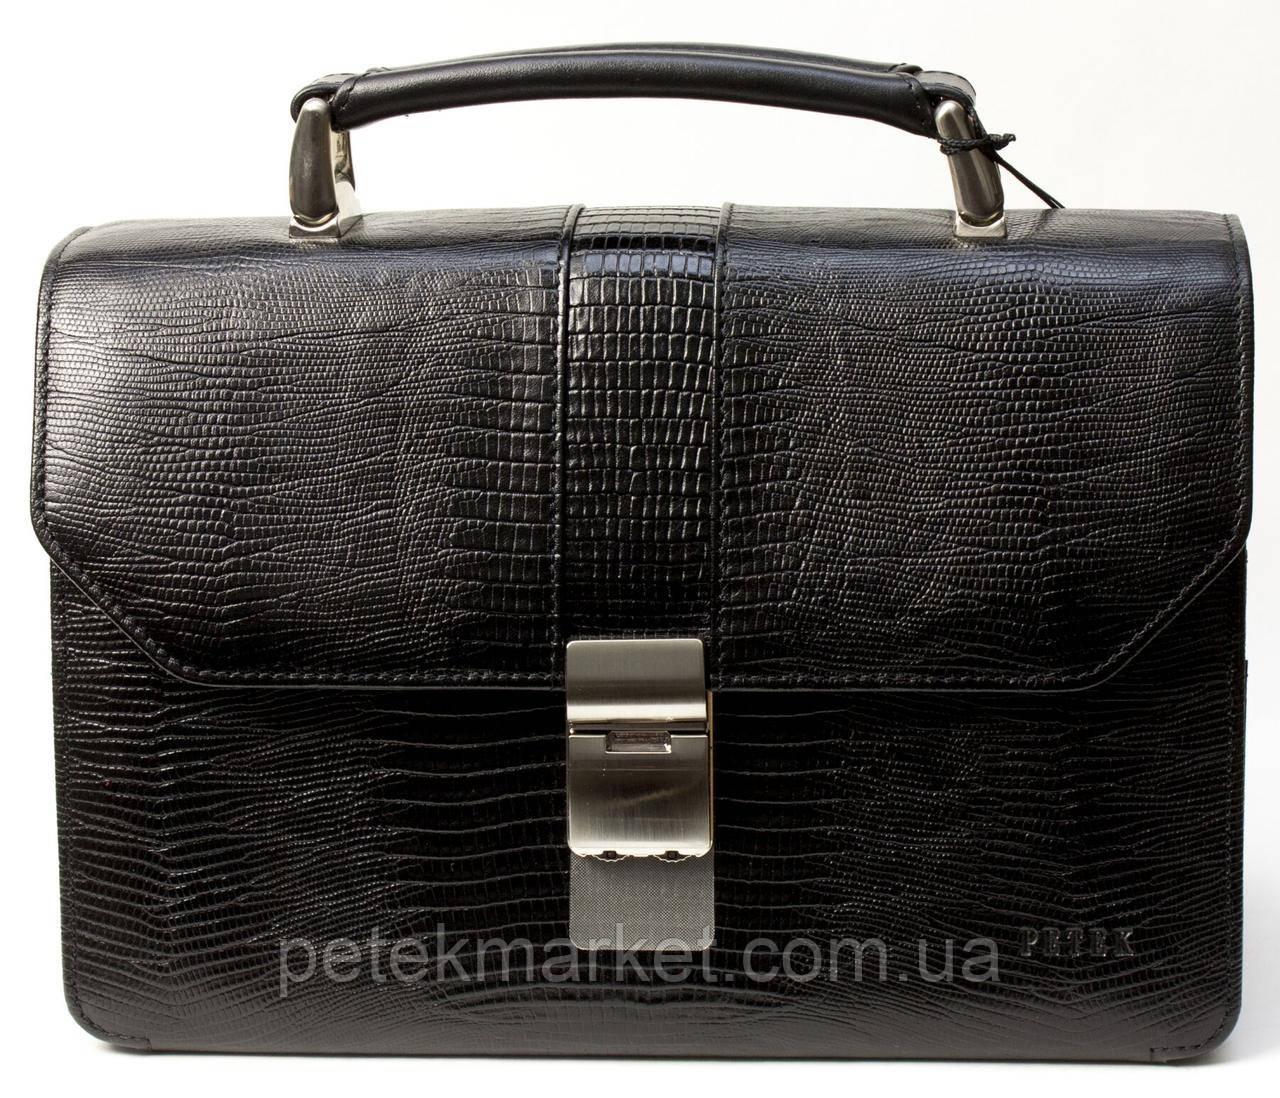 Барсетка Petek 750, Черный, Рептилия, Матовая